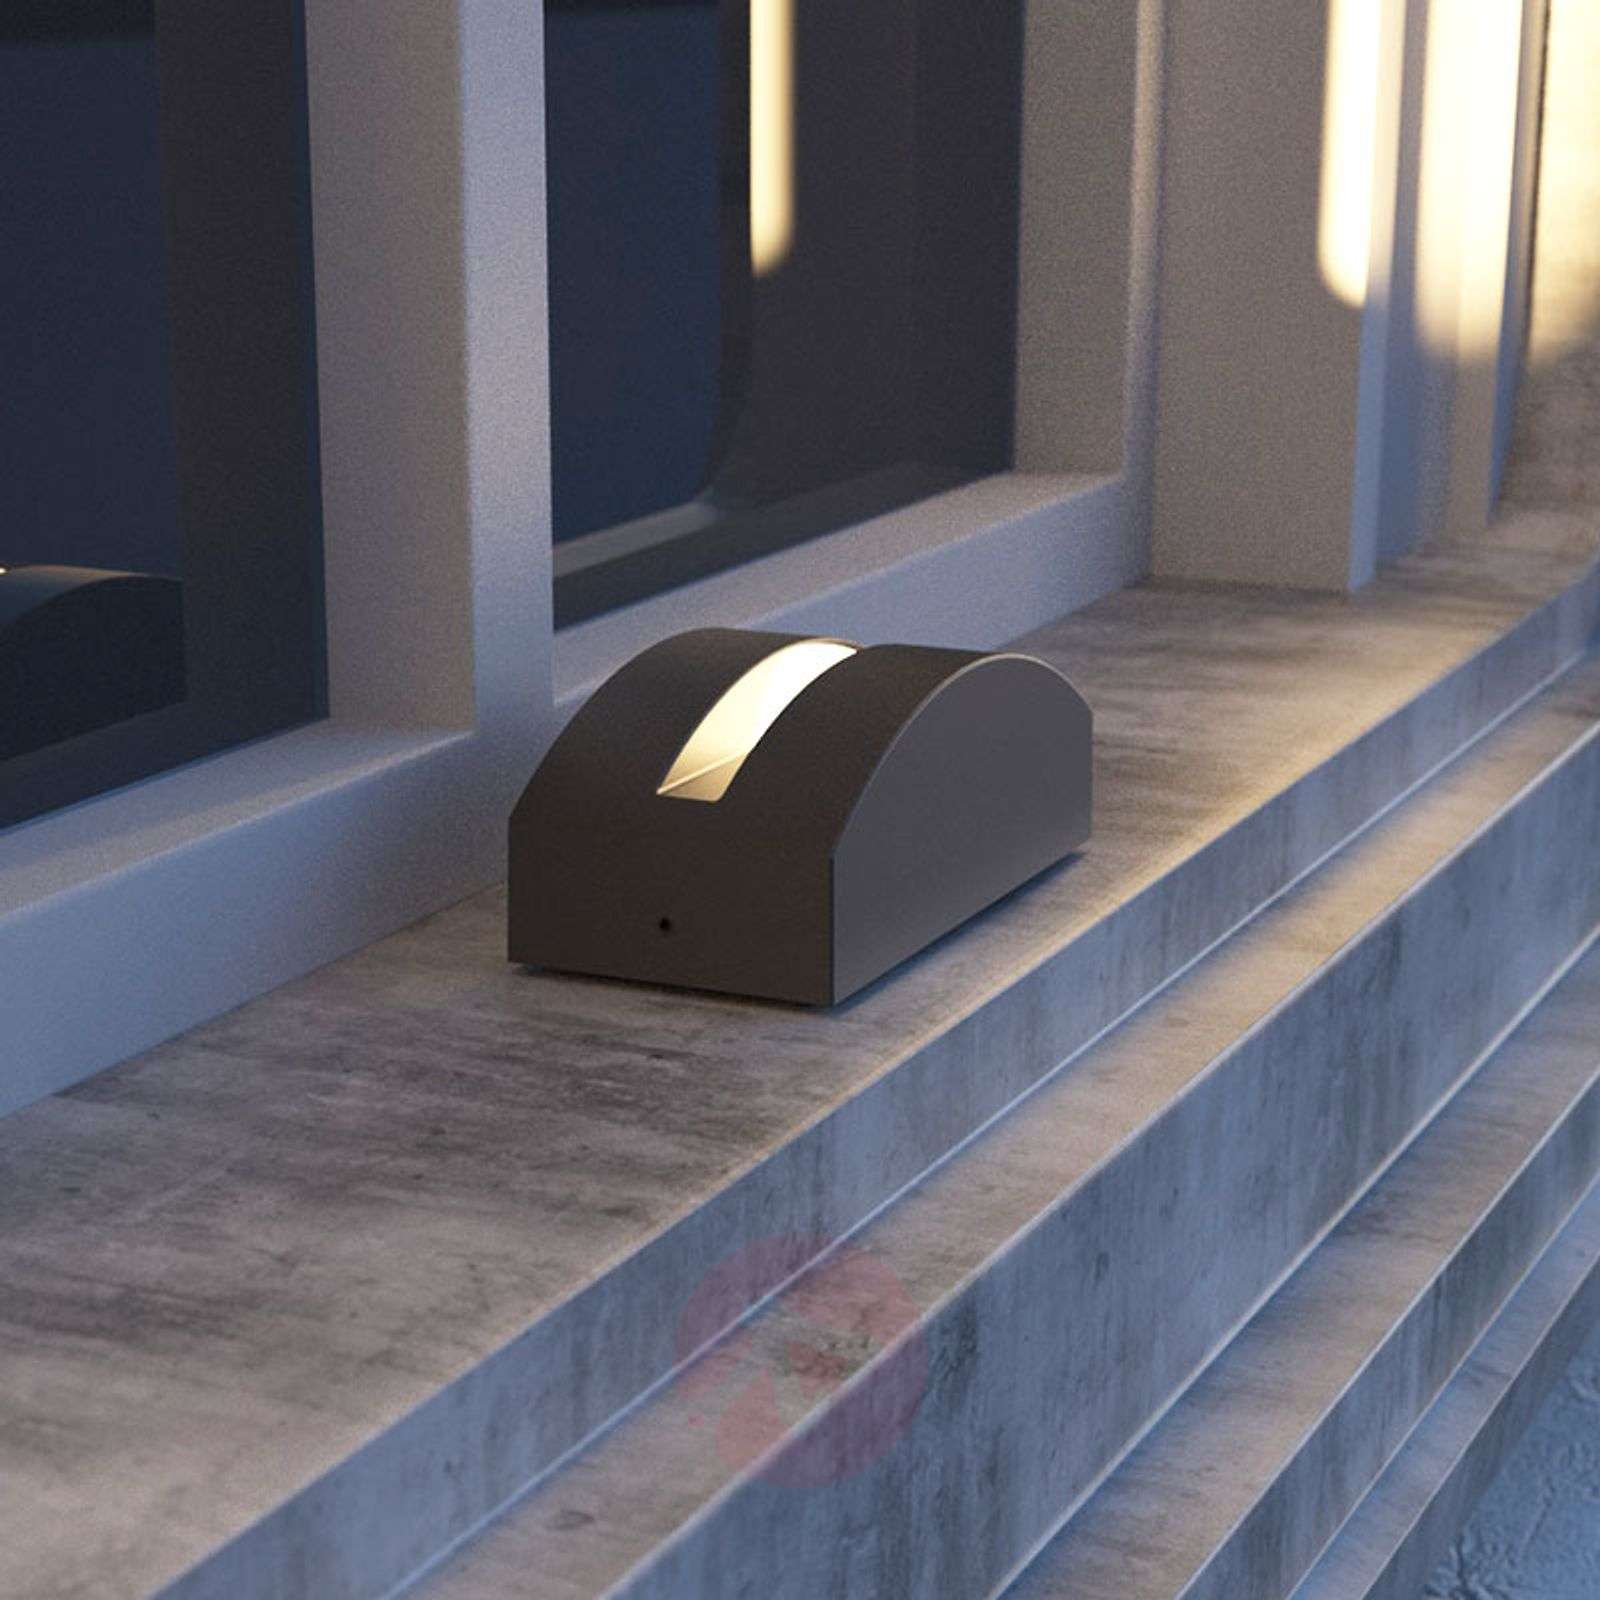 LED-ulkoseinävalo Marka, alumiini tummanharmaa-9616141-02